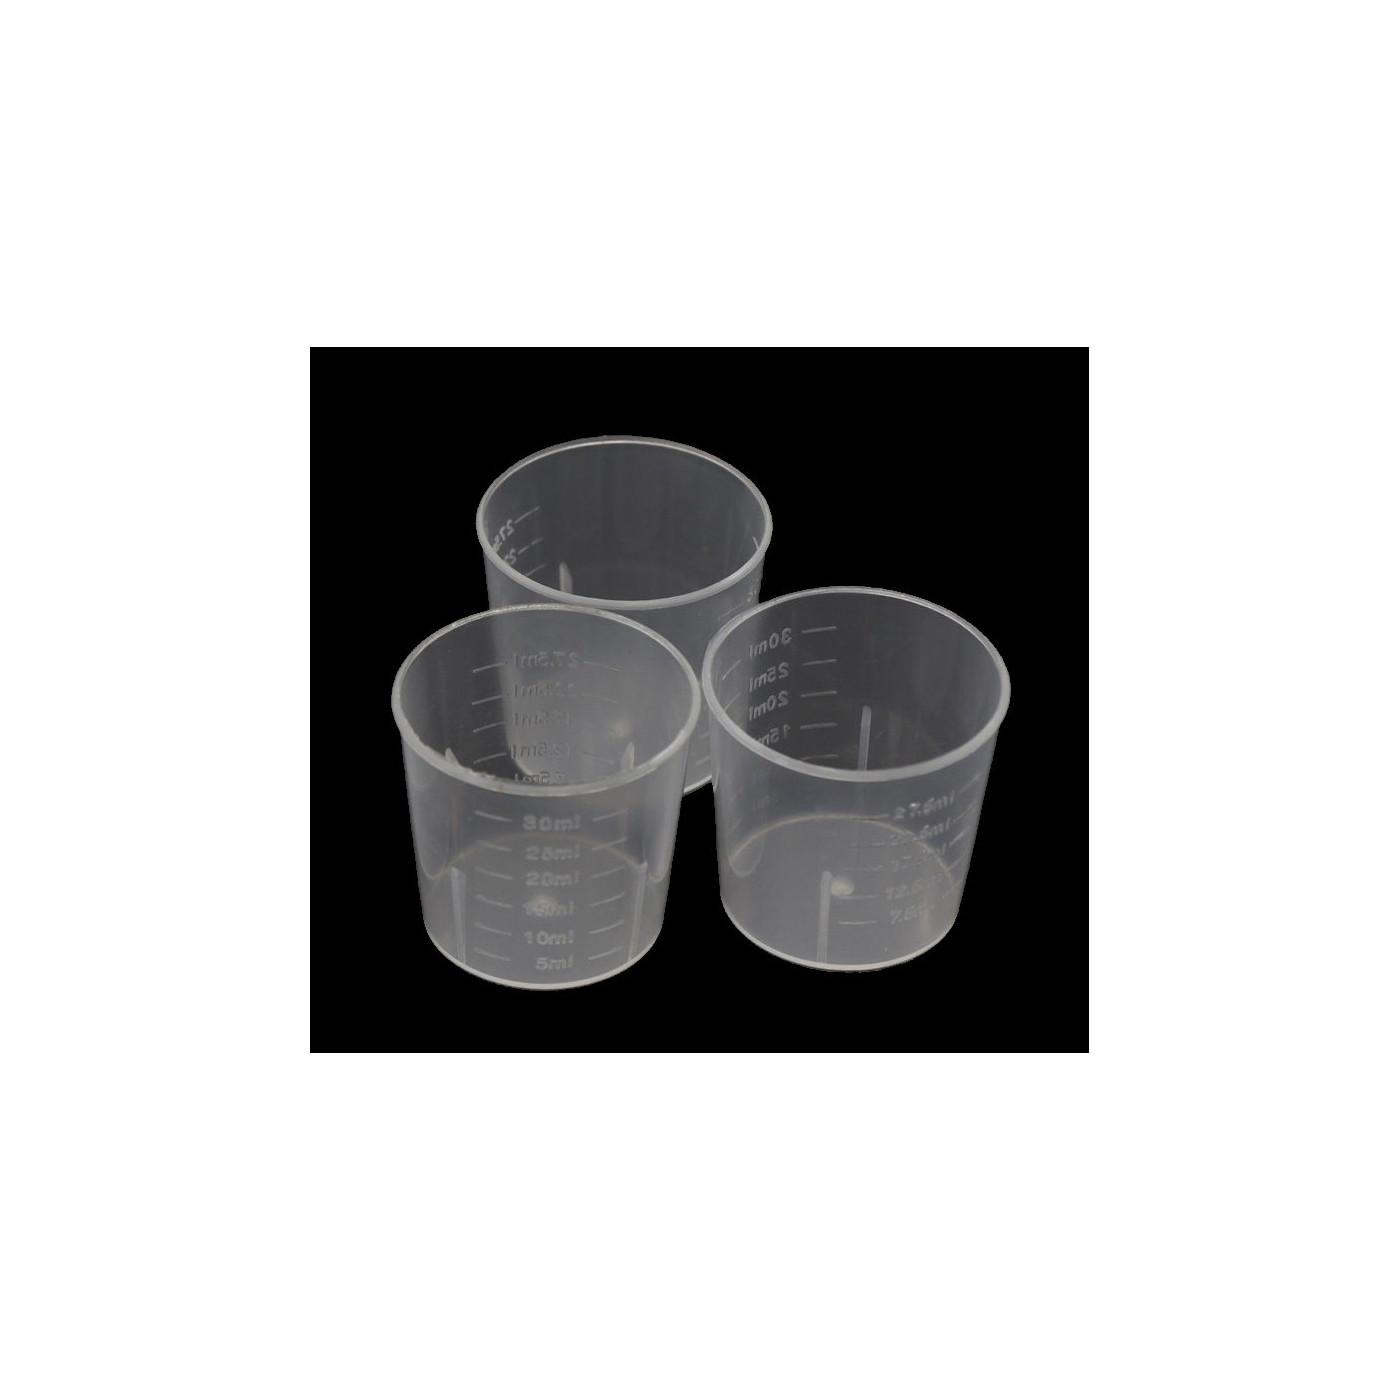 Set von 60 Mini-Plastikmessbechern (30 ml, für häufigen